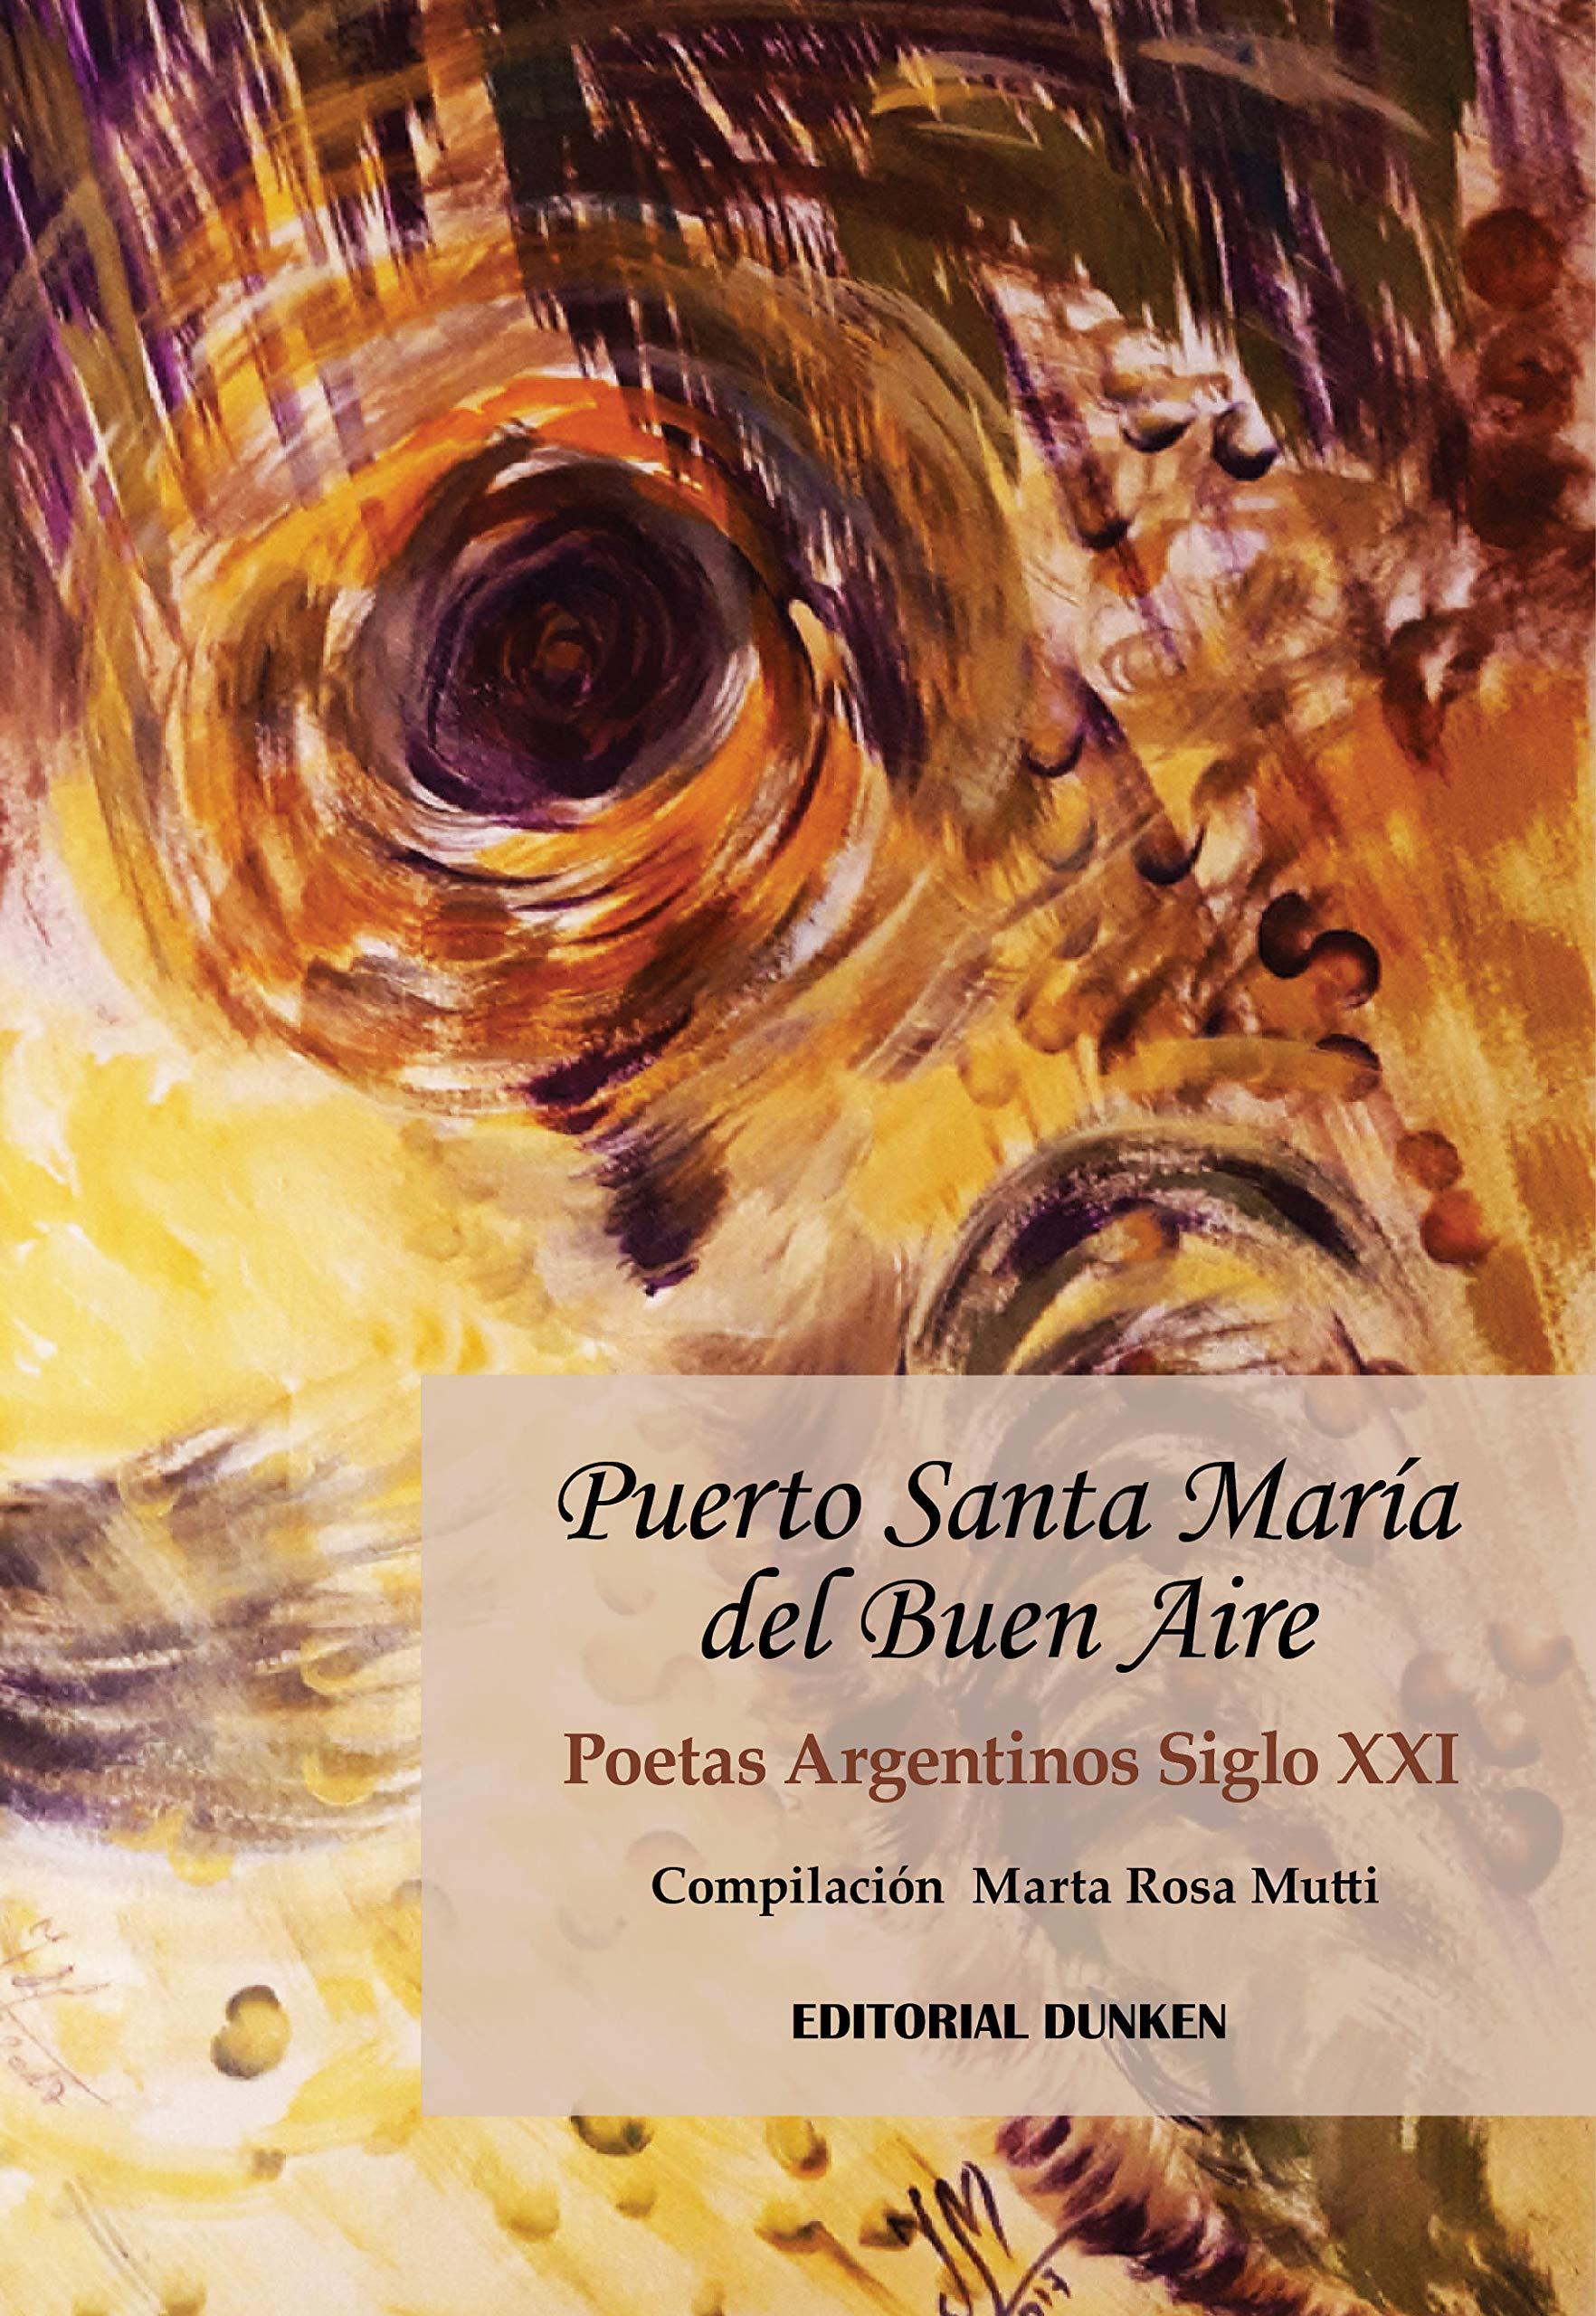 Puerto Santa María Del Buen Aire Poetas Argentinos Siglo Xxi Varios Mutti Marta Rosa 9789877632613 Books